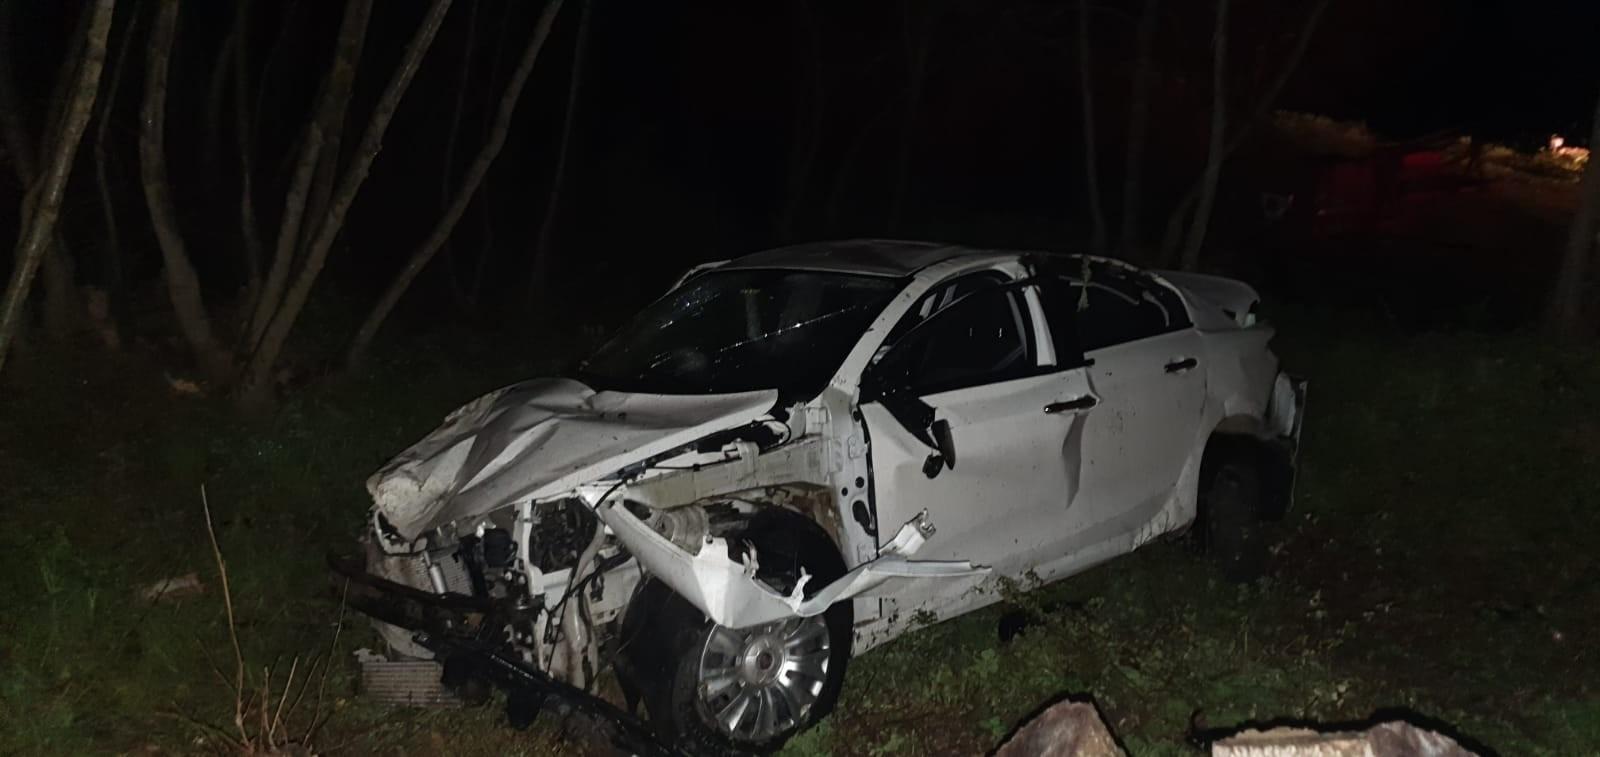 Şarköy'de taklalar atan otomobil hurdaya döndü: 2 yaralı